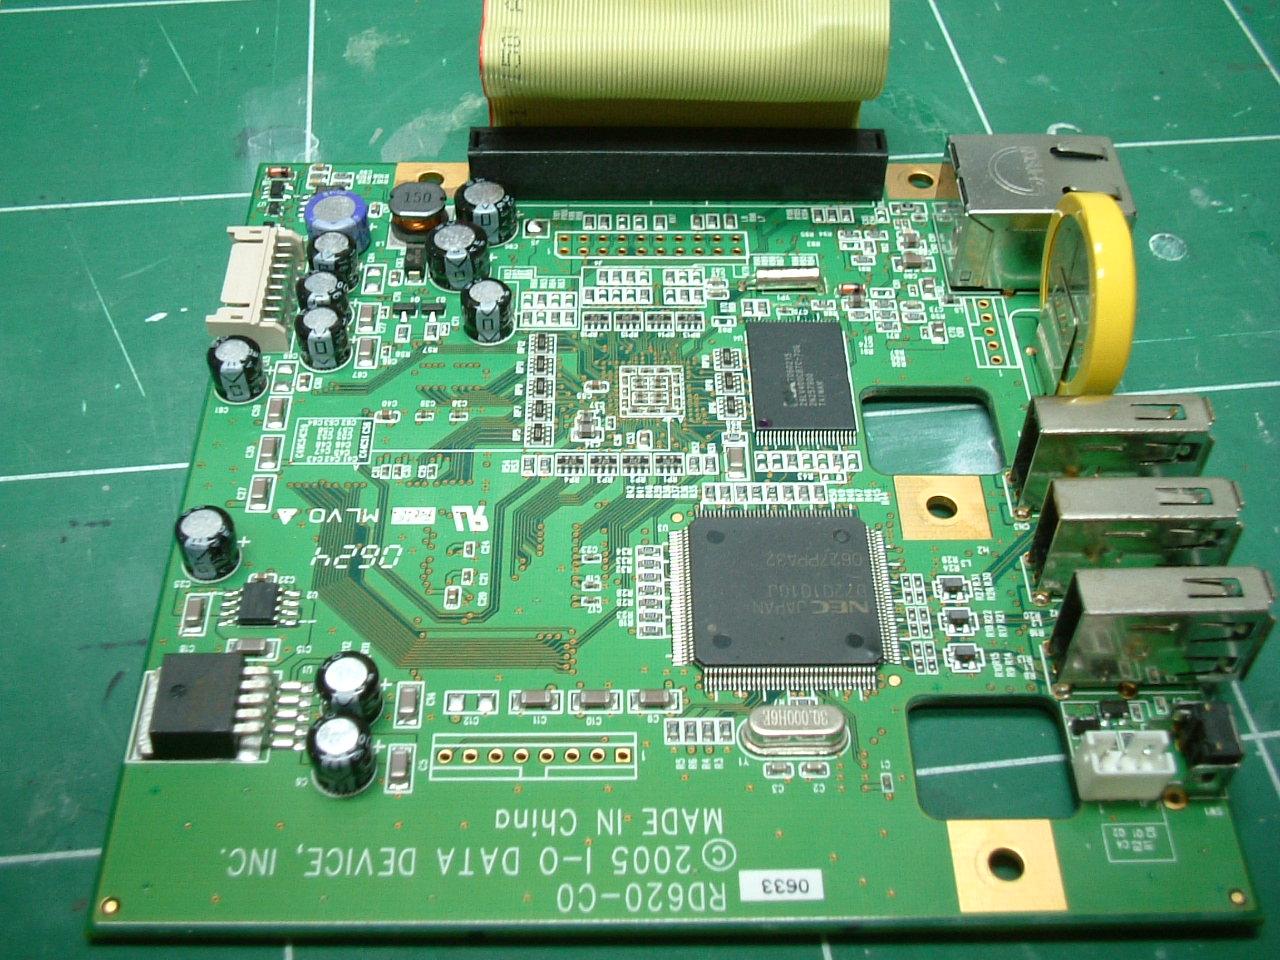 LANDISKのマザーボード ハードディスク下にある本体基盤。この基盤がLANDISKの本体とい